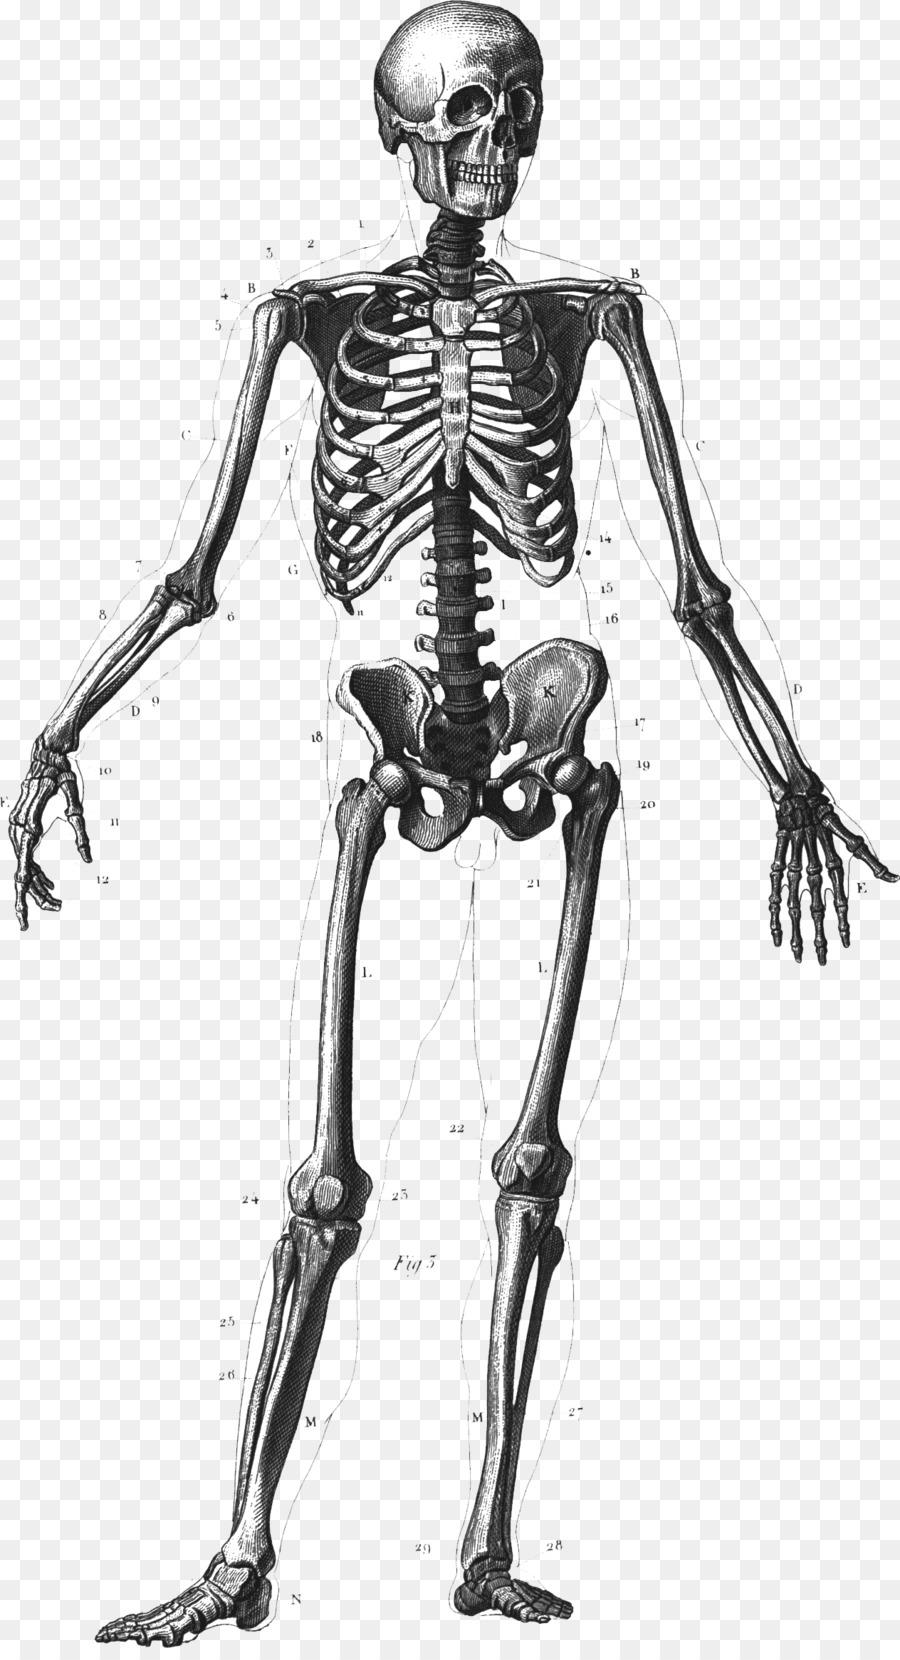 Esqueleto humano cuerpo Humano Anatomía Ósea - Esqueleto Formatos De ...